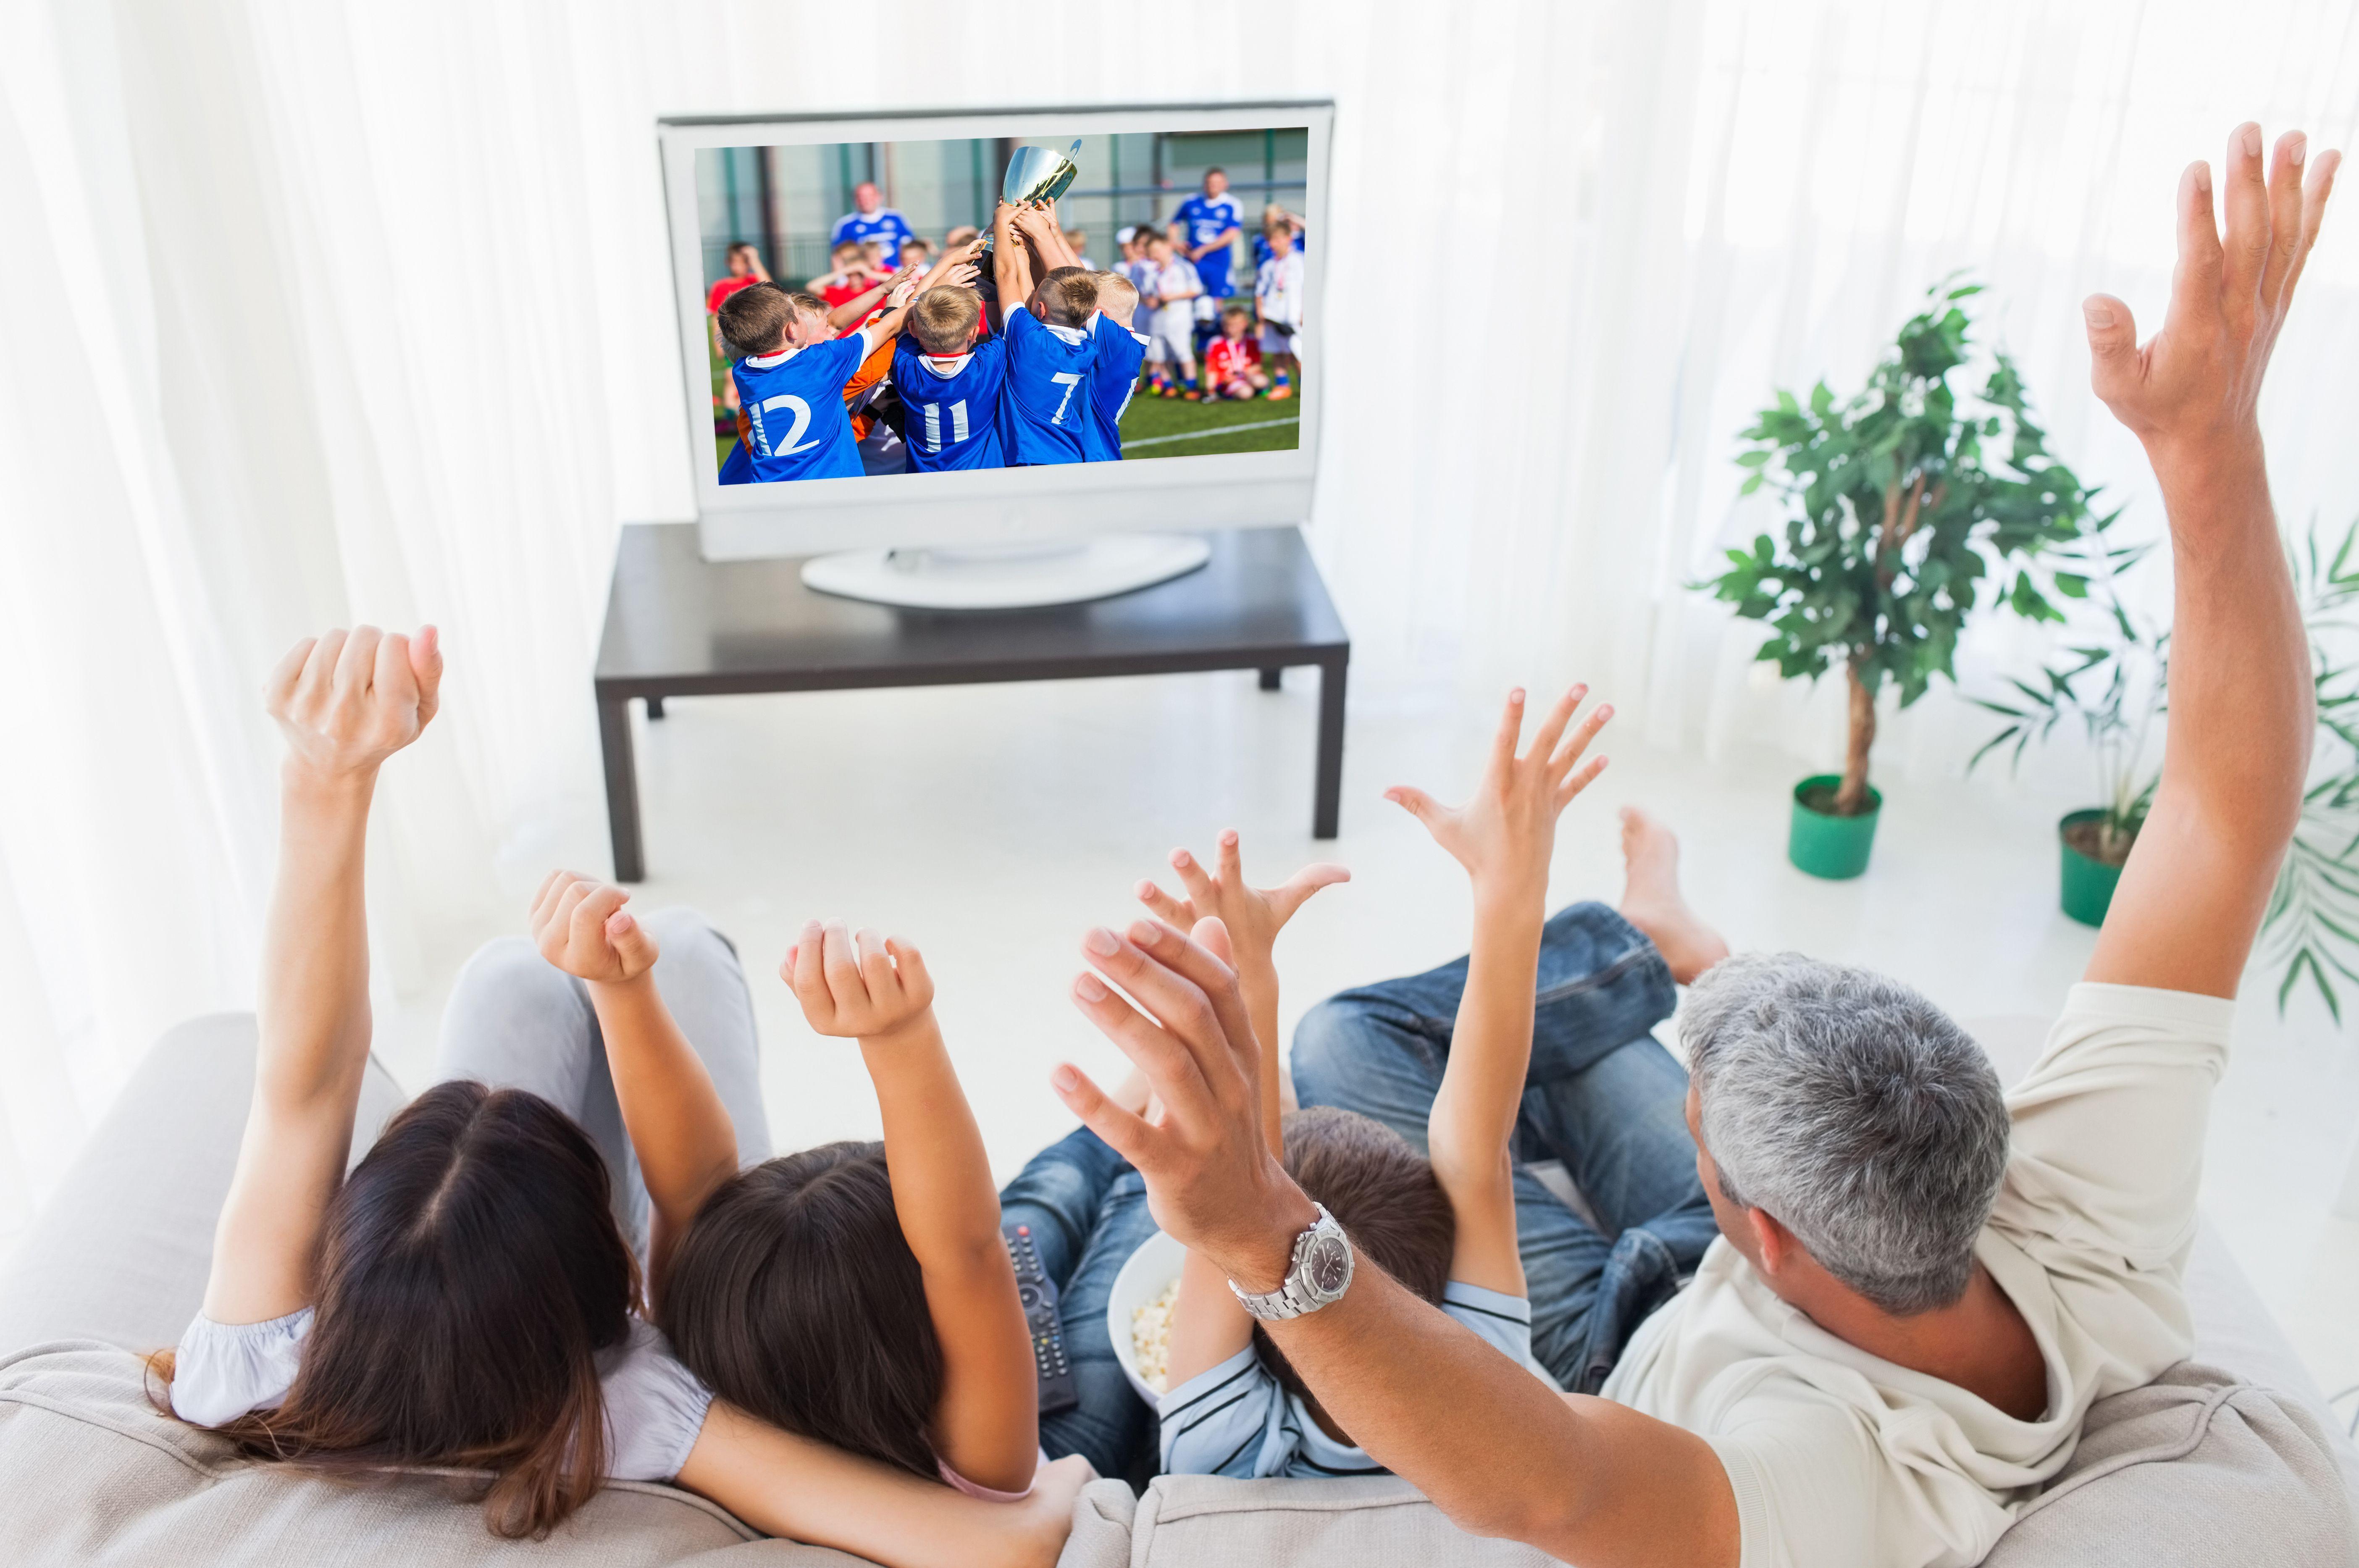 Теперь можно всей семьей наслаждаться картинкой высокой четкости, и не выходя из дома, а с экрана телевизора